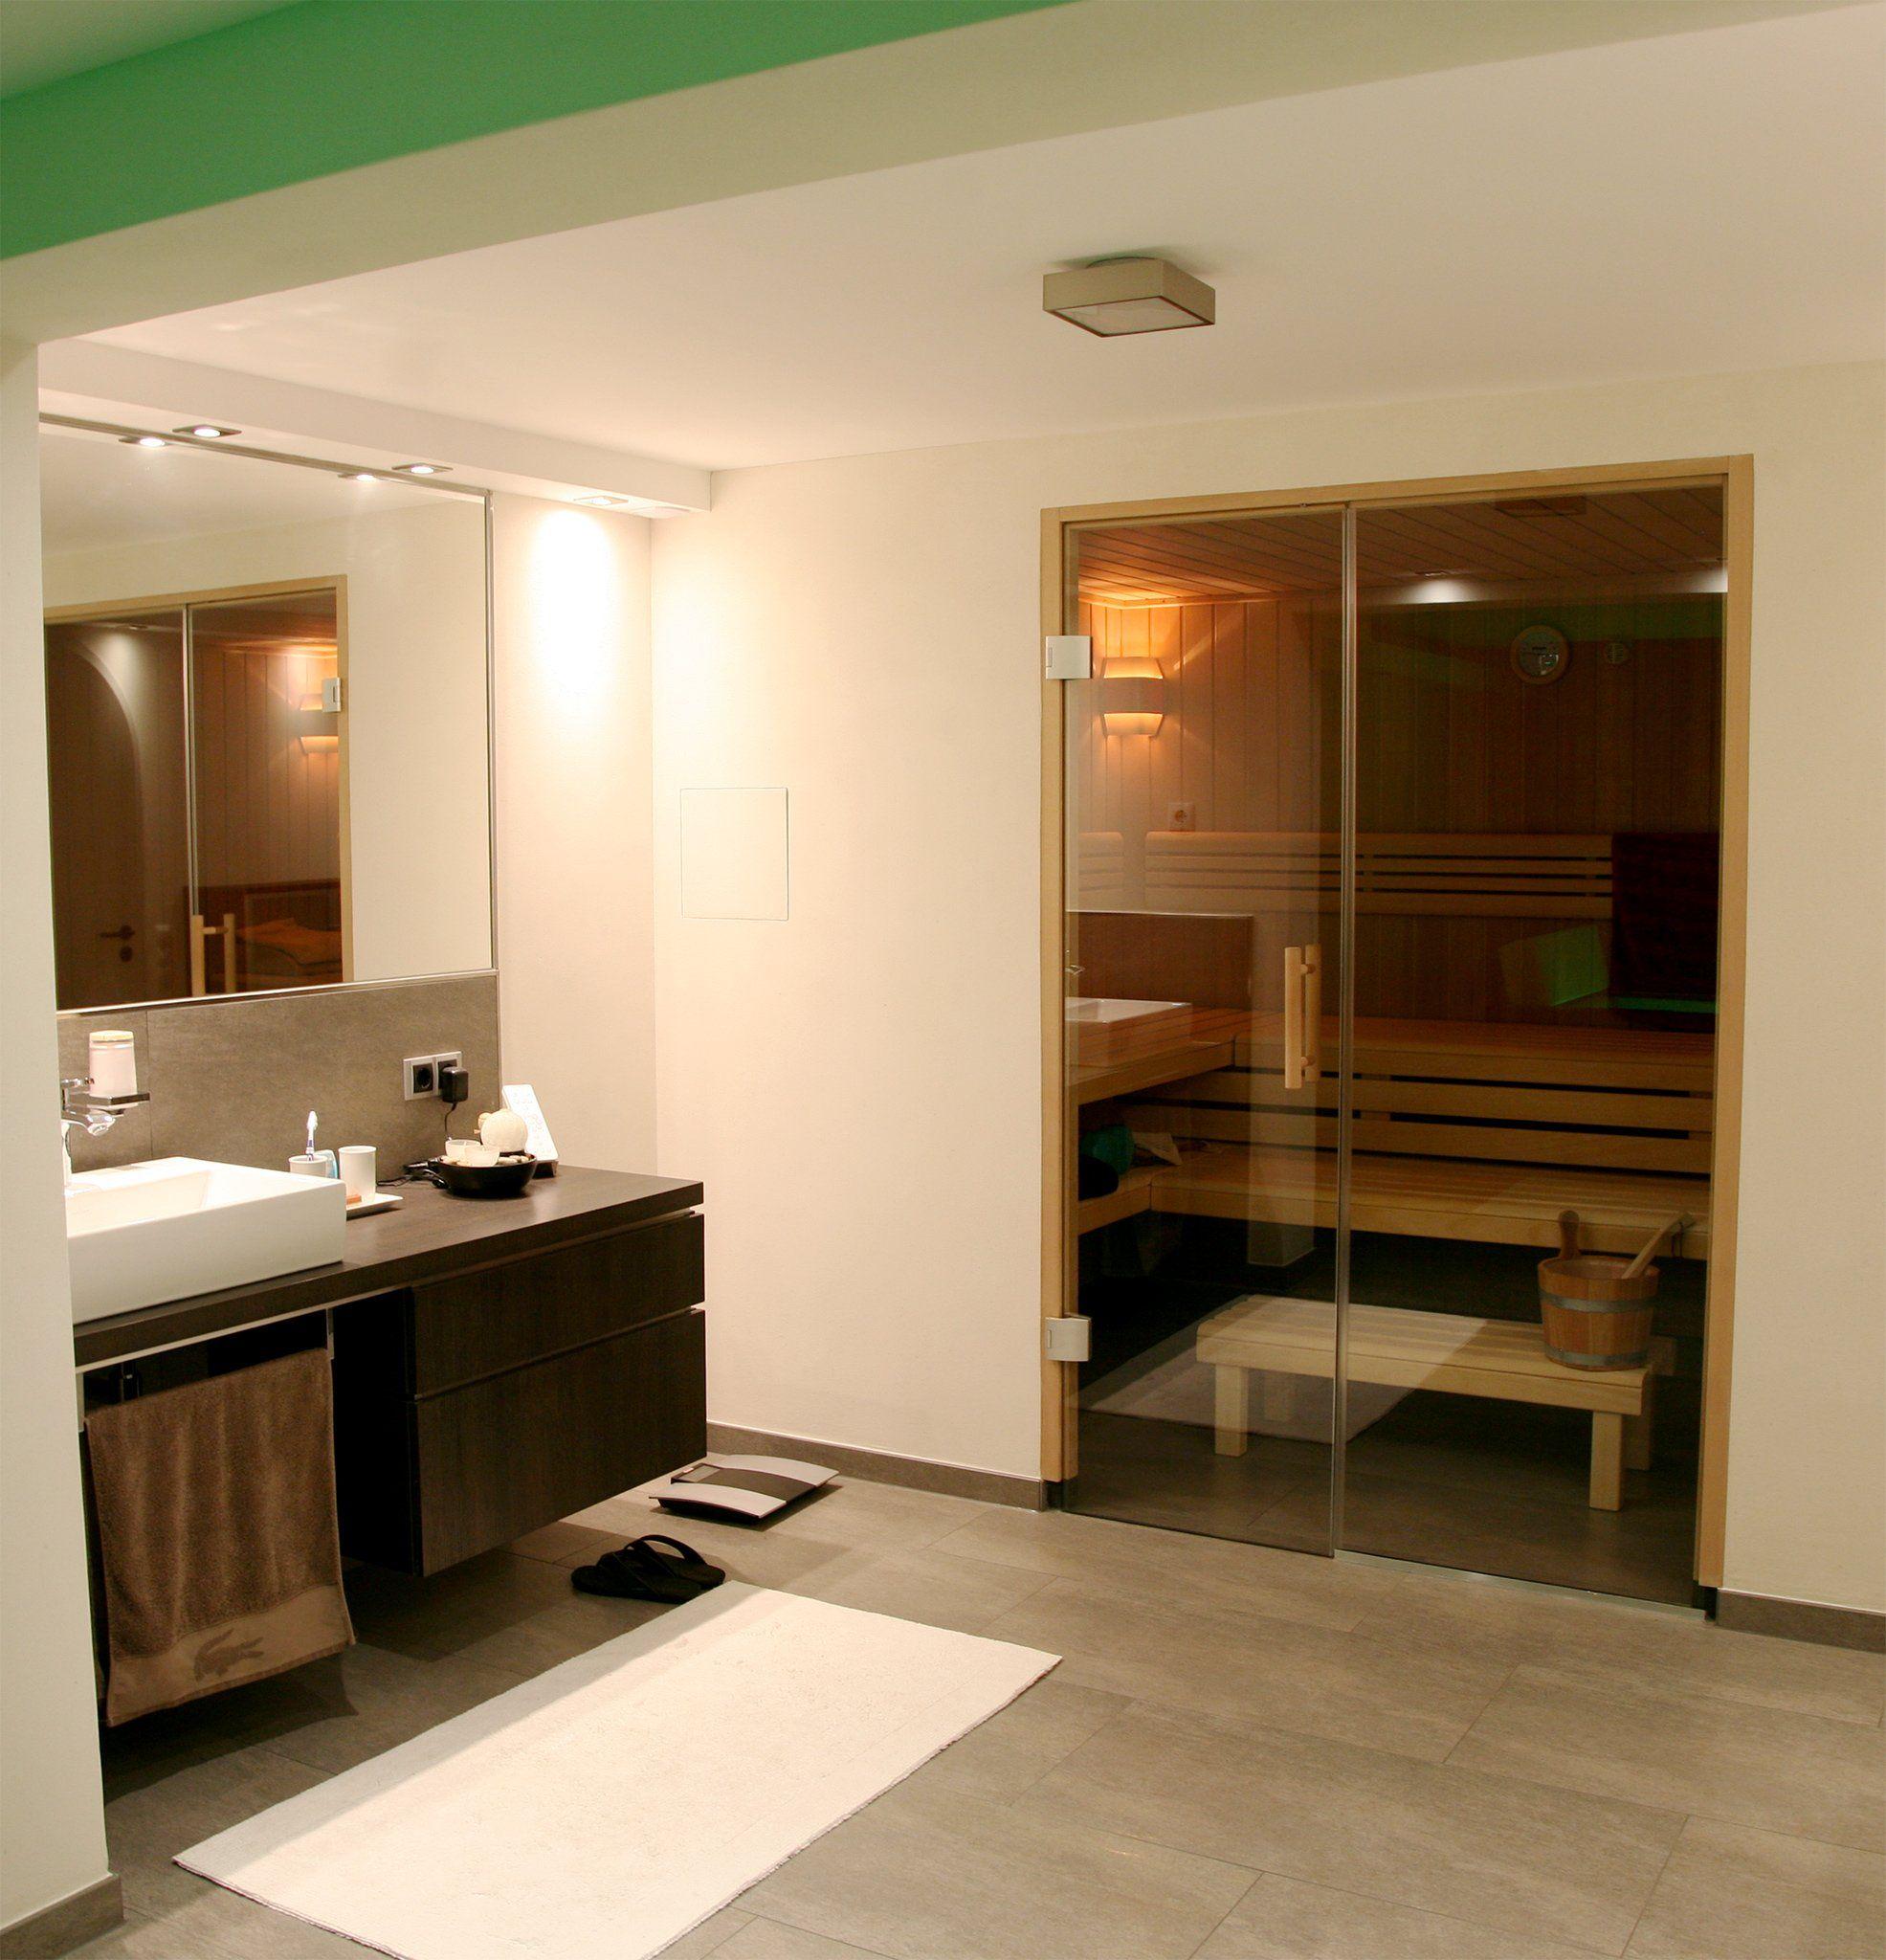 Sauna Im Badezimmer In 2019